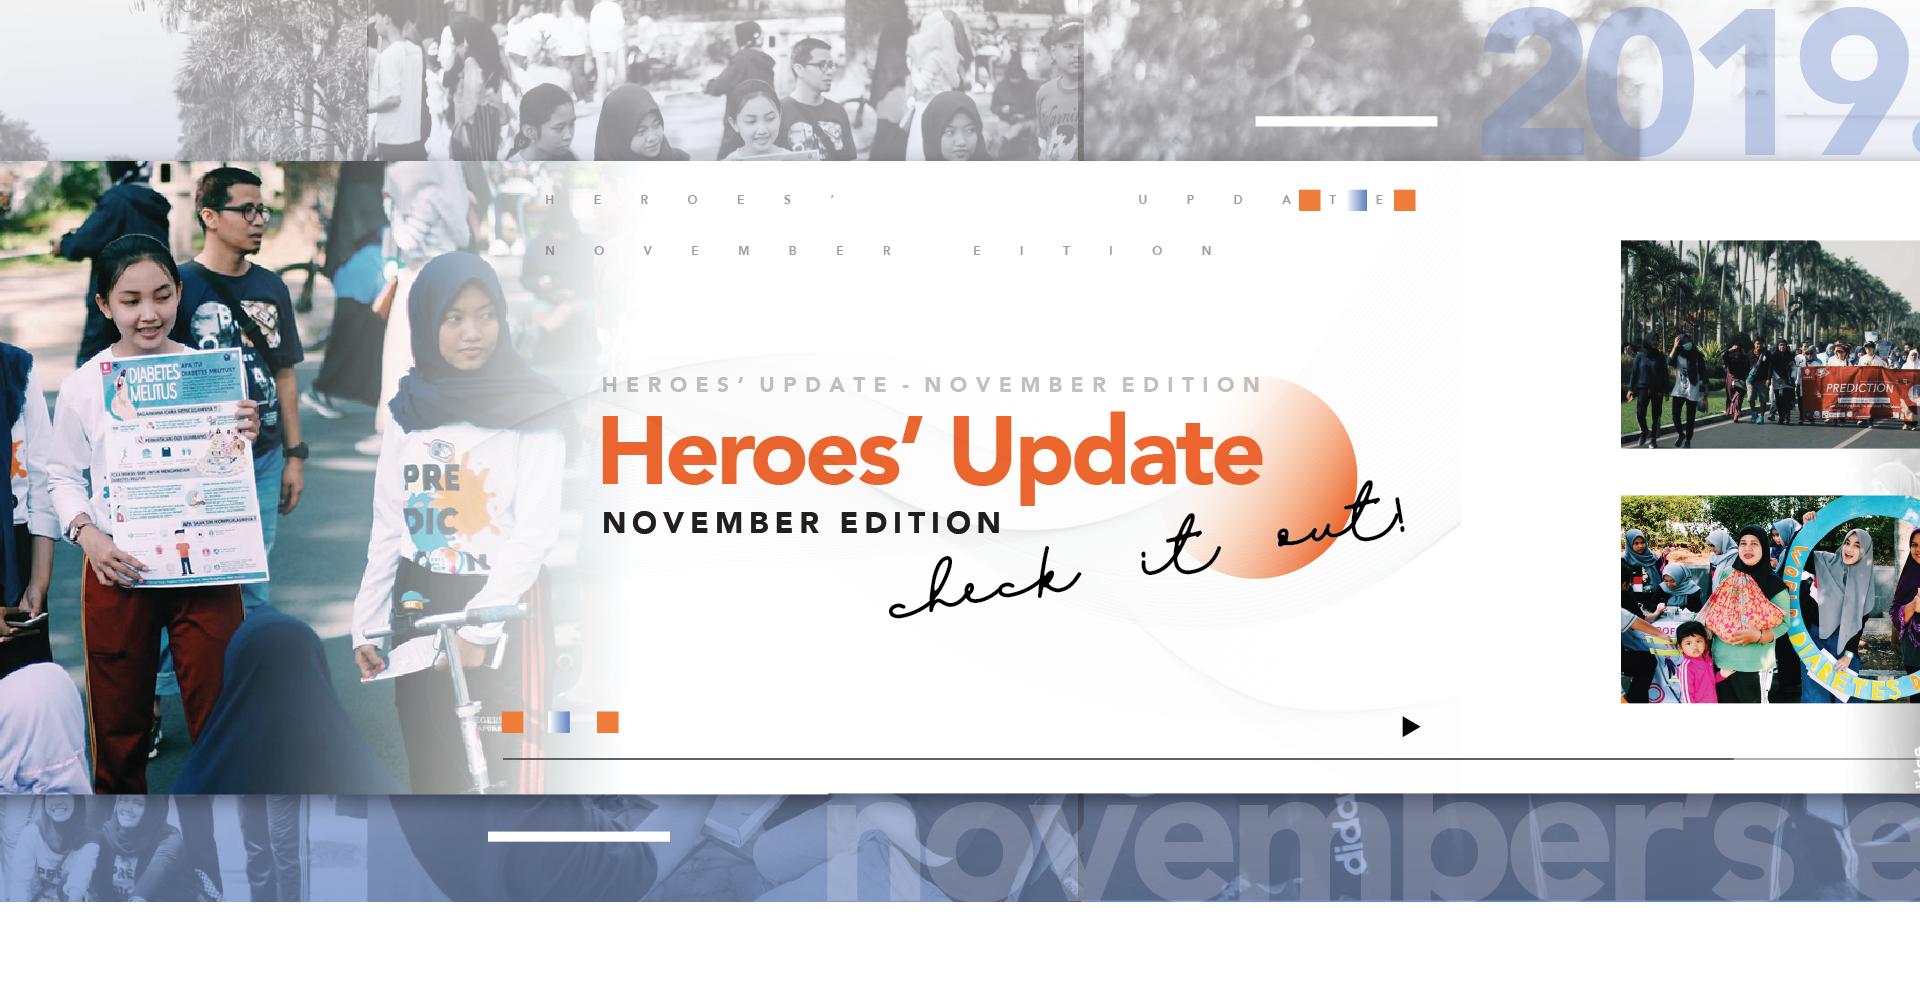 HEROES' UPDATE: NOVEMBER EDITION